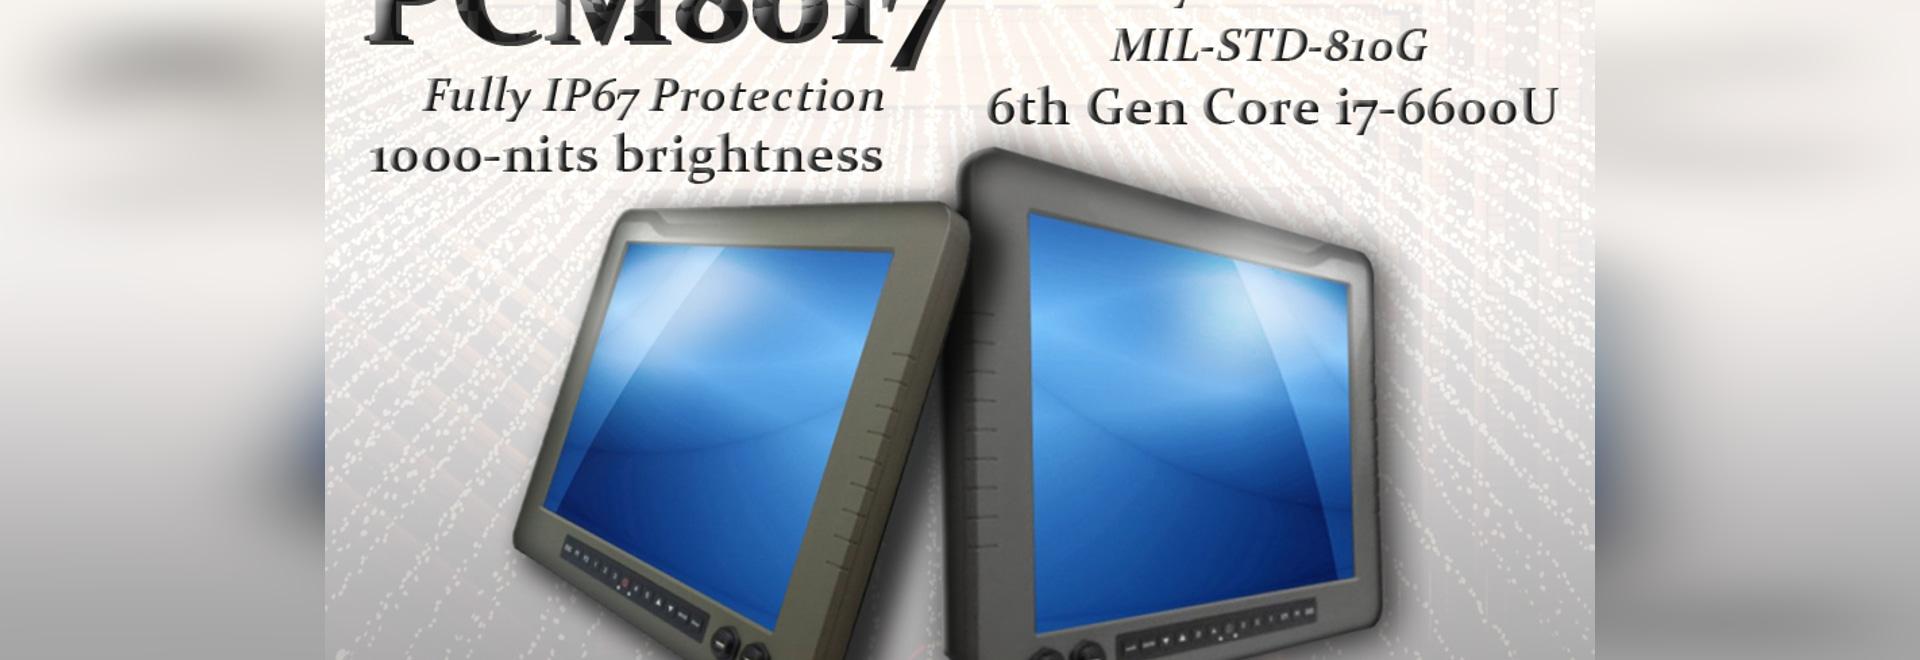 """17"""" Militärgrad-Platte PC kennzeichnet mit 1000 Nissen hoher Helligkeit und ein völlig IP67 veranschlagte schroffe Einschließung"""